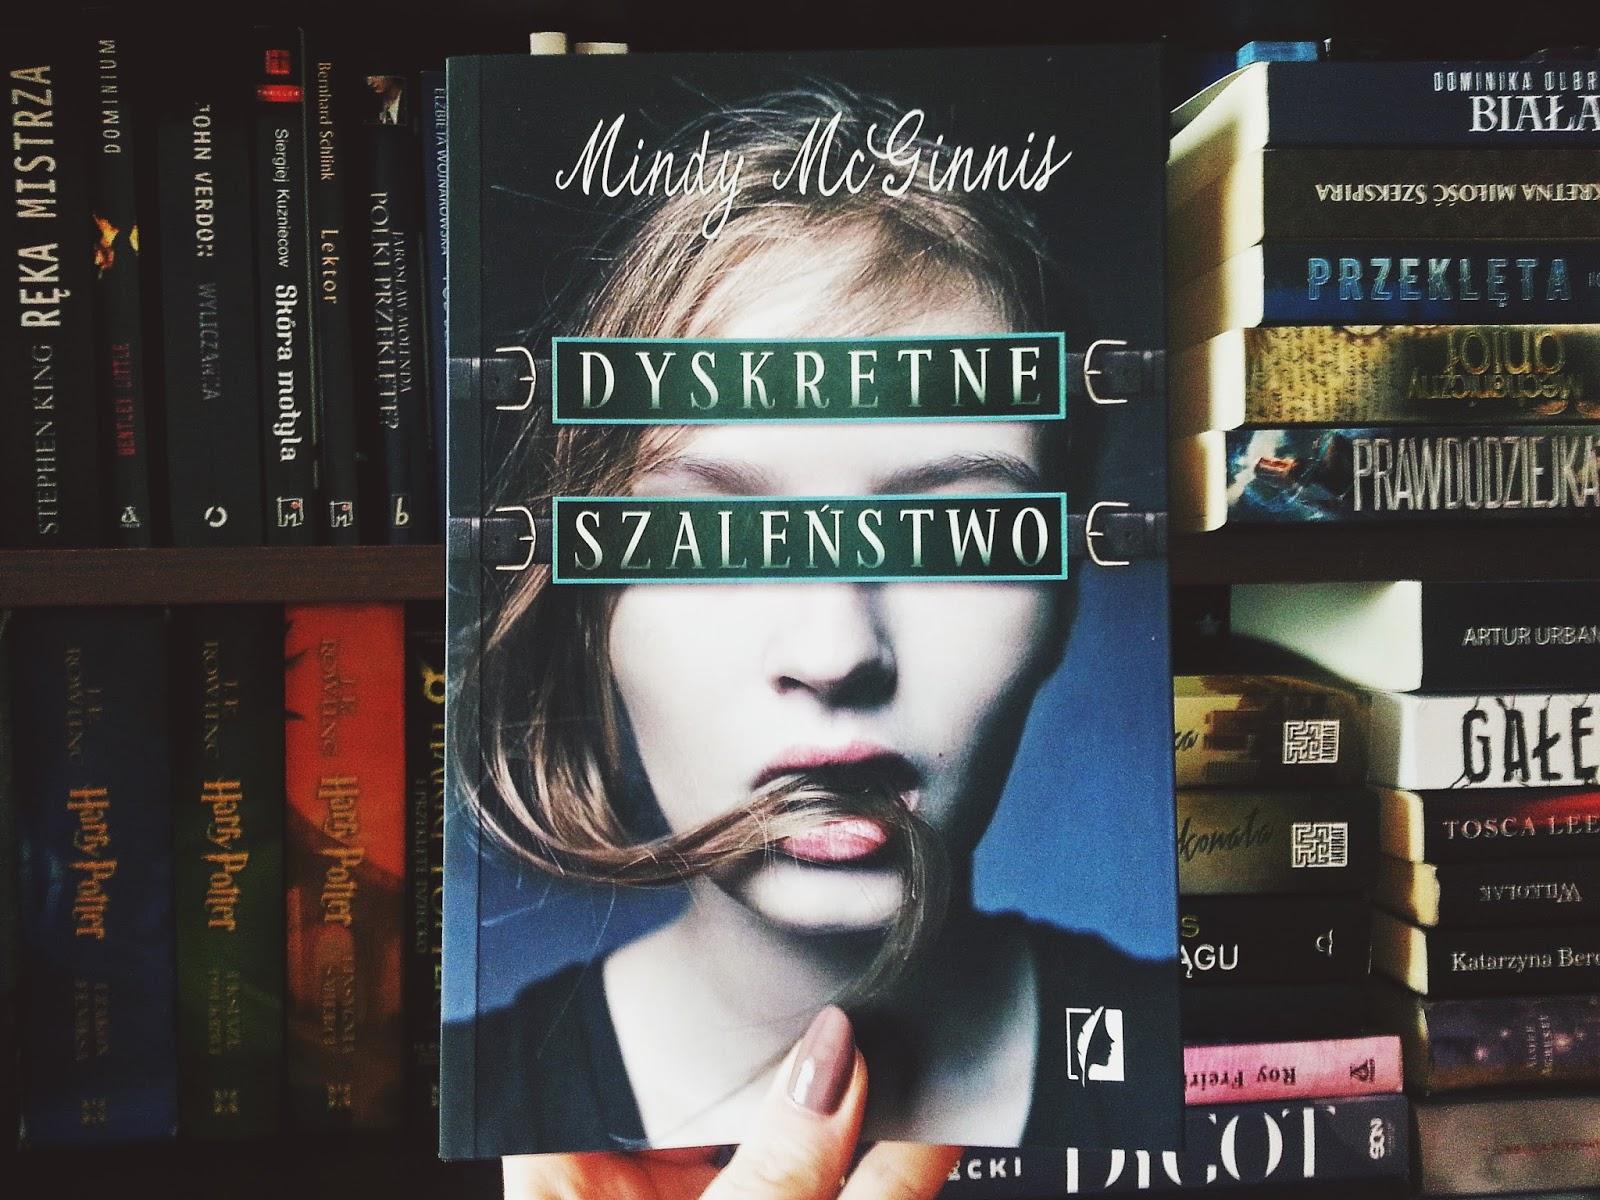 Dyskretne szaleństwo, książka, Wydawnictwo Kobiece, recenzja, Mindy McGinnis